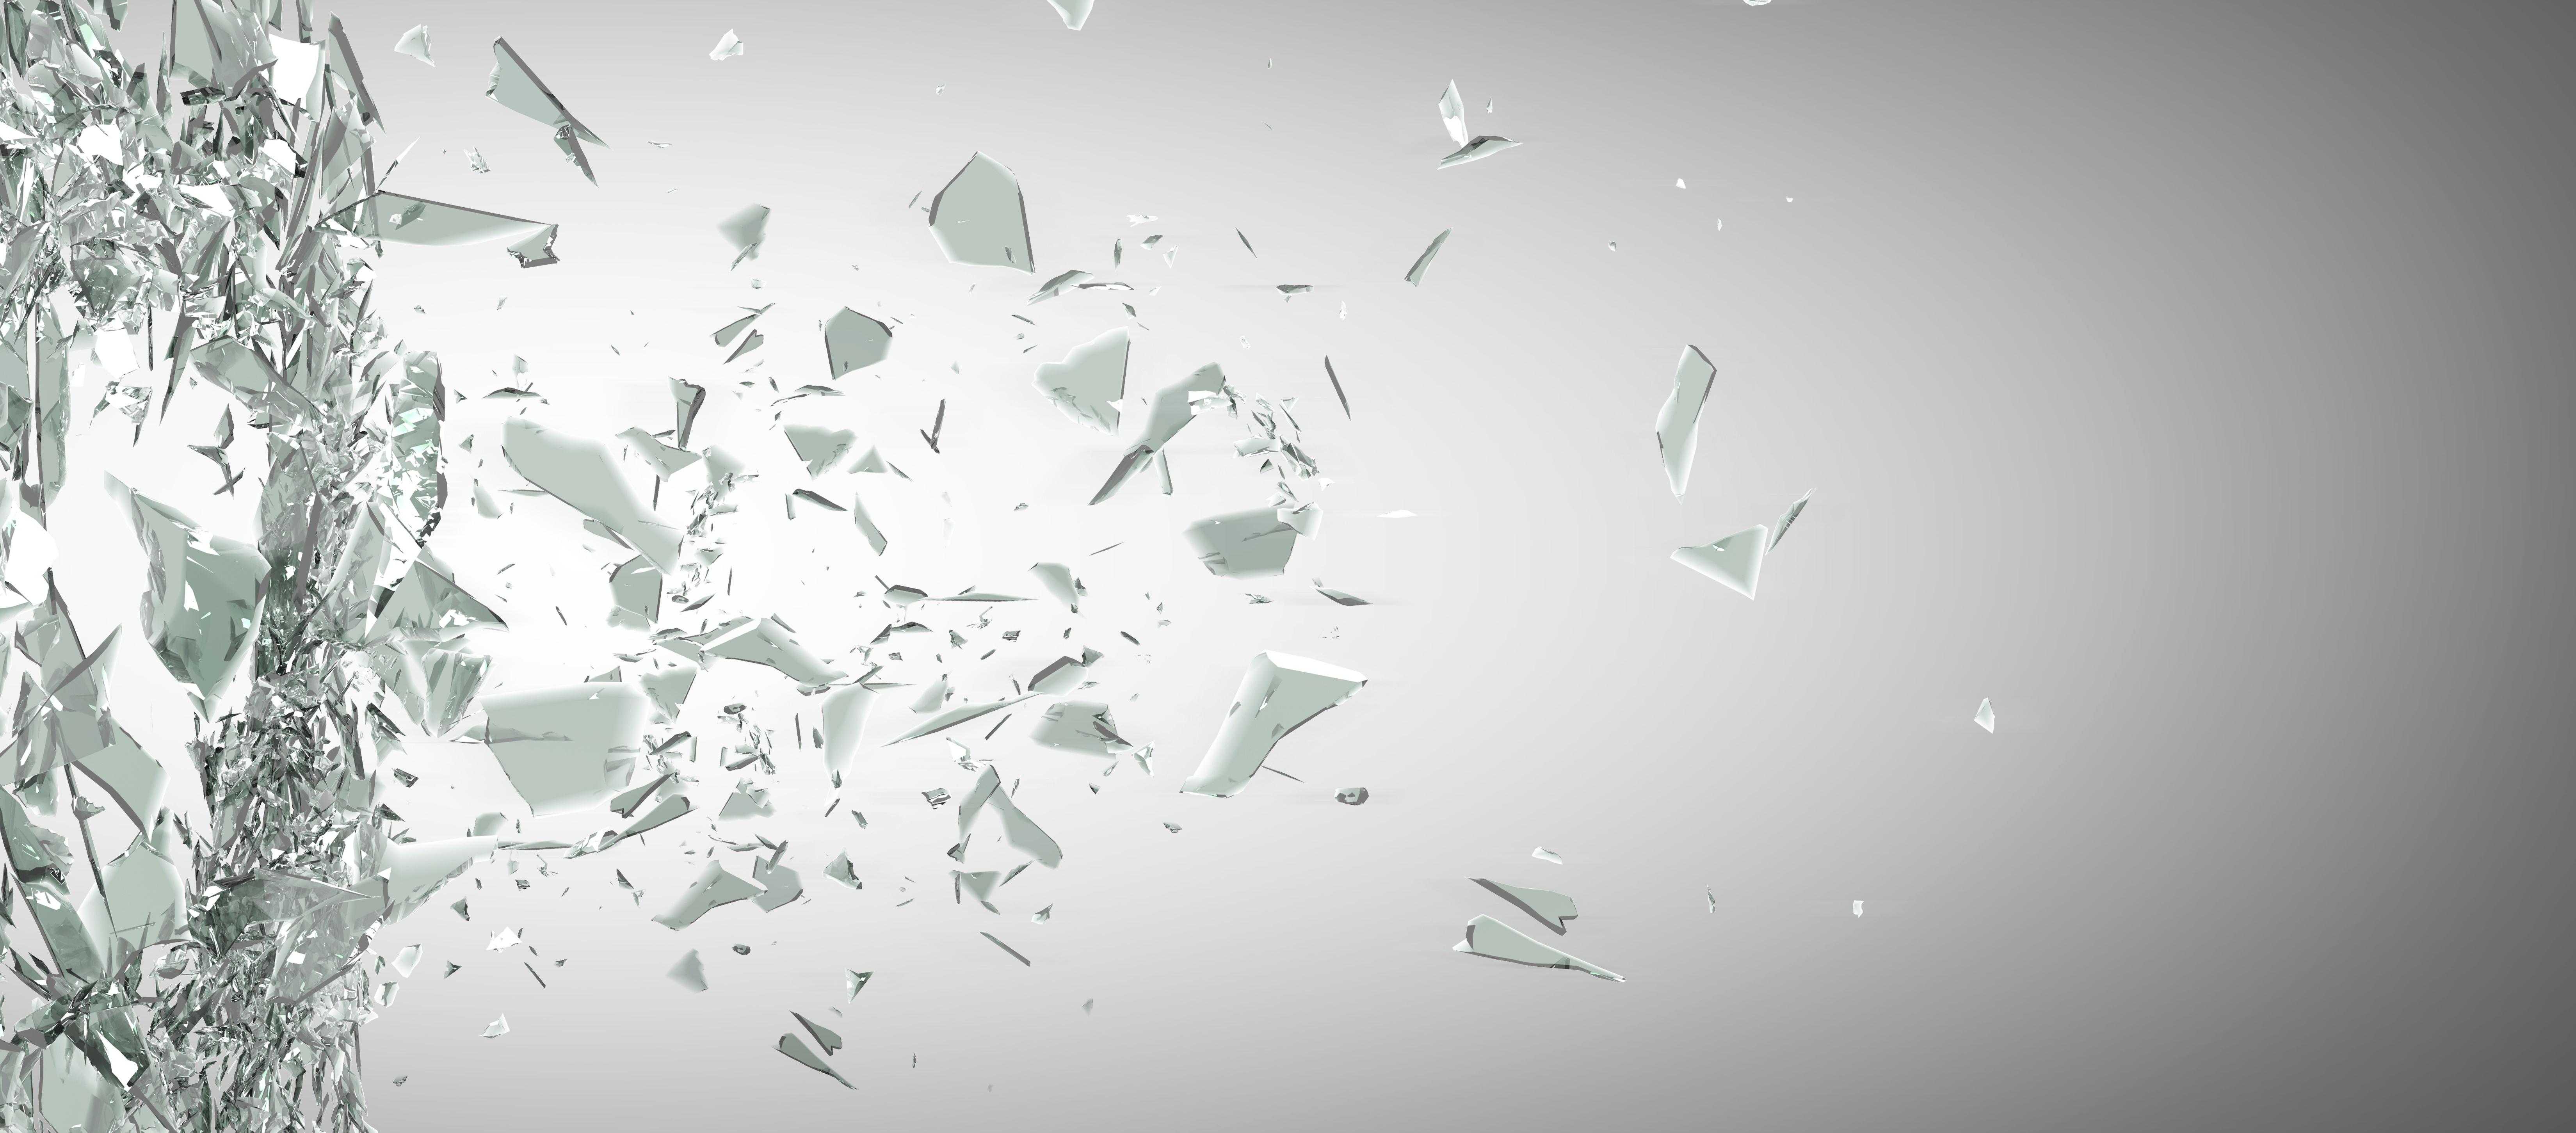 4 Alarming Signs of a Broken Sales Process